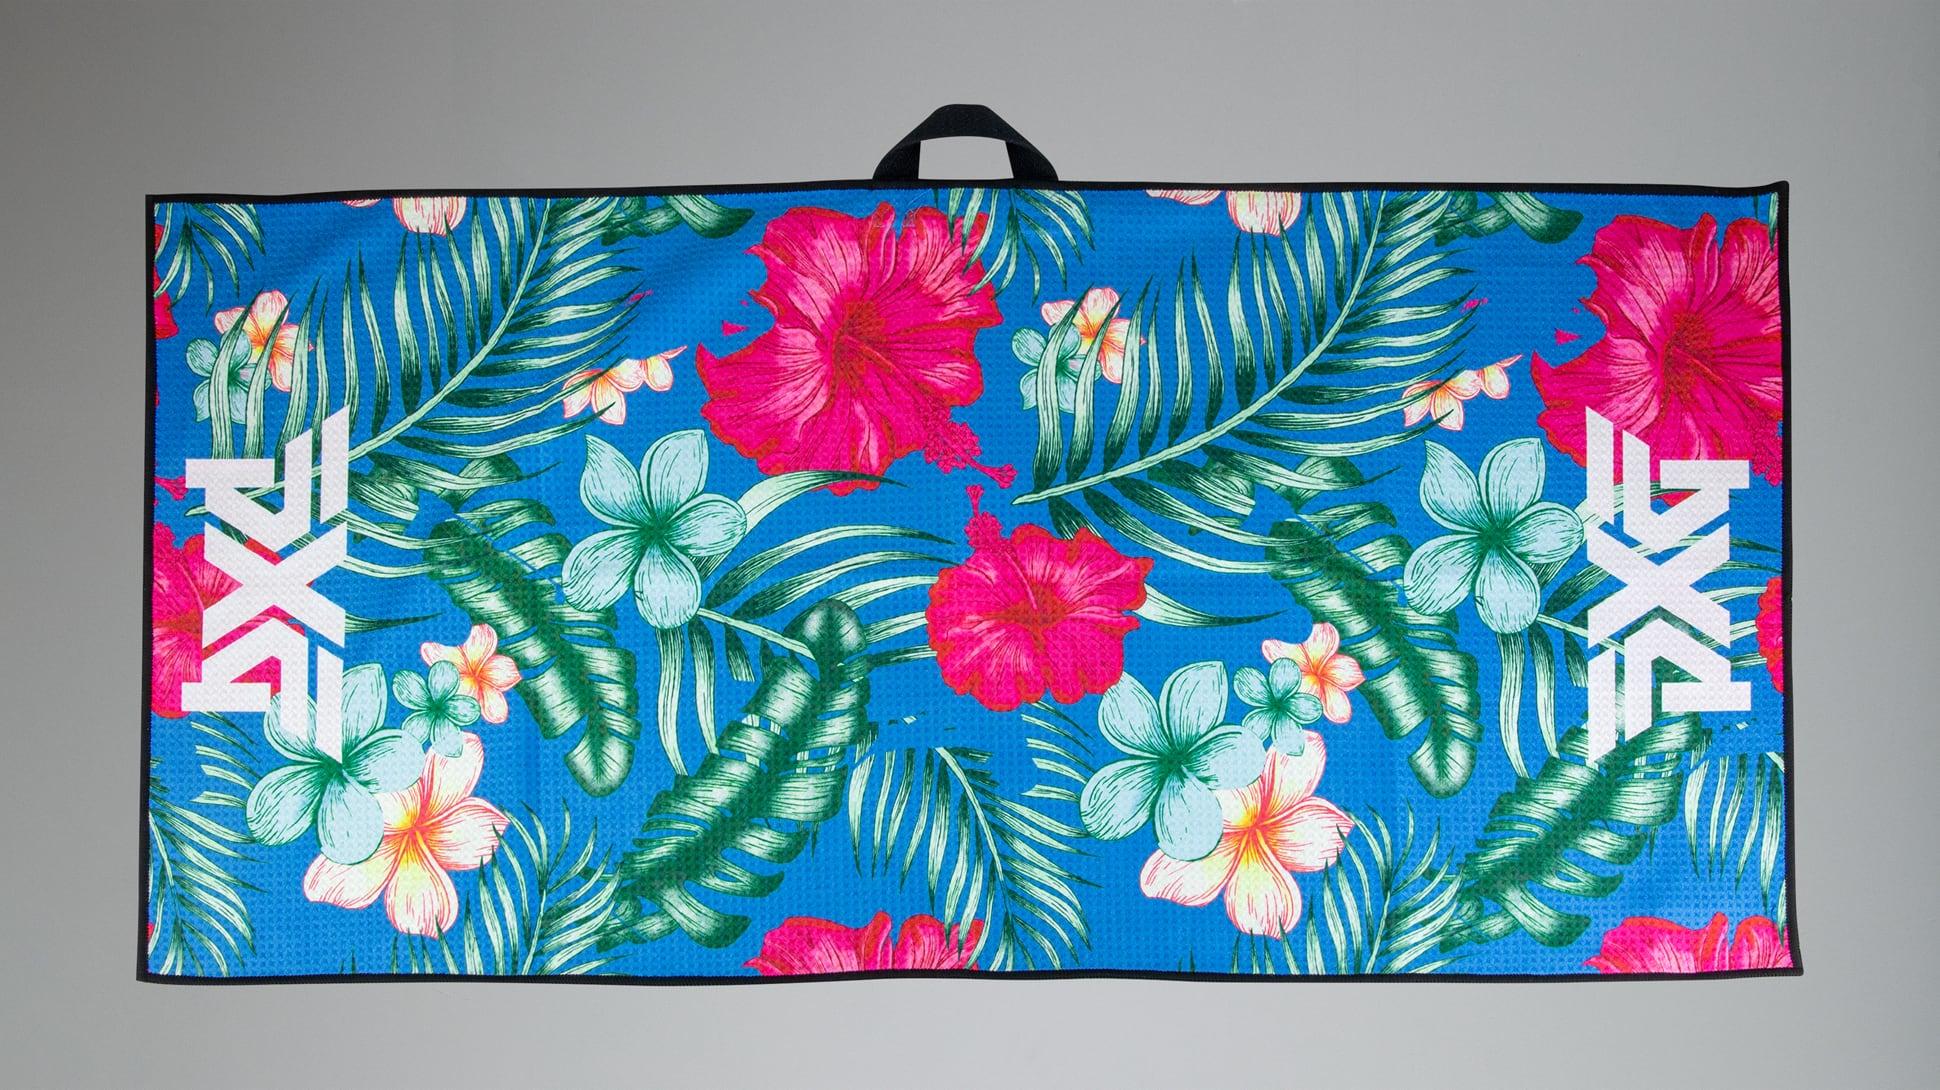 Aloha Players Towel Image 2